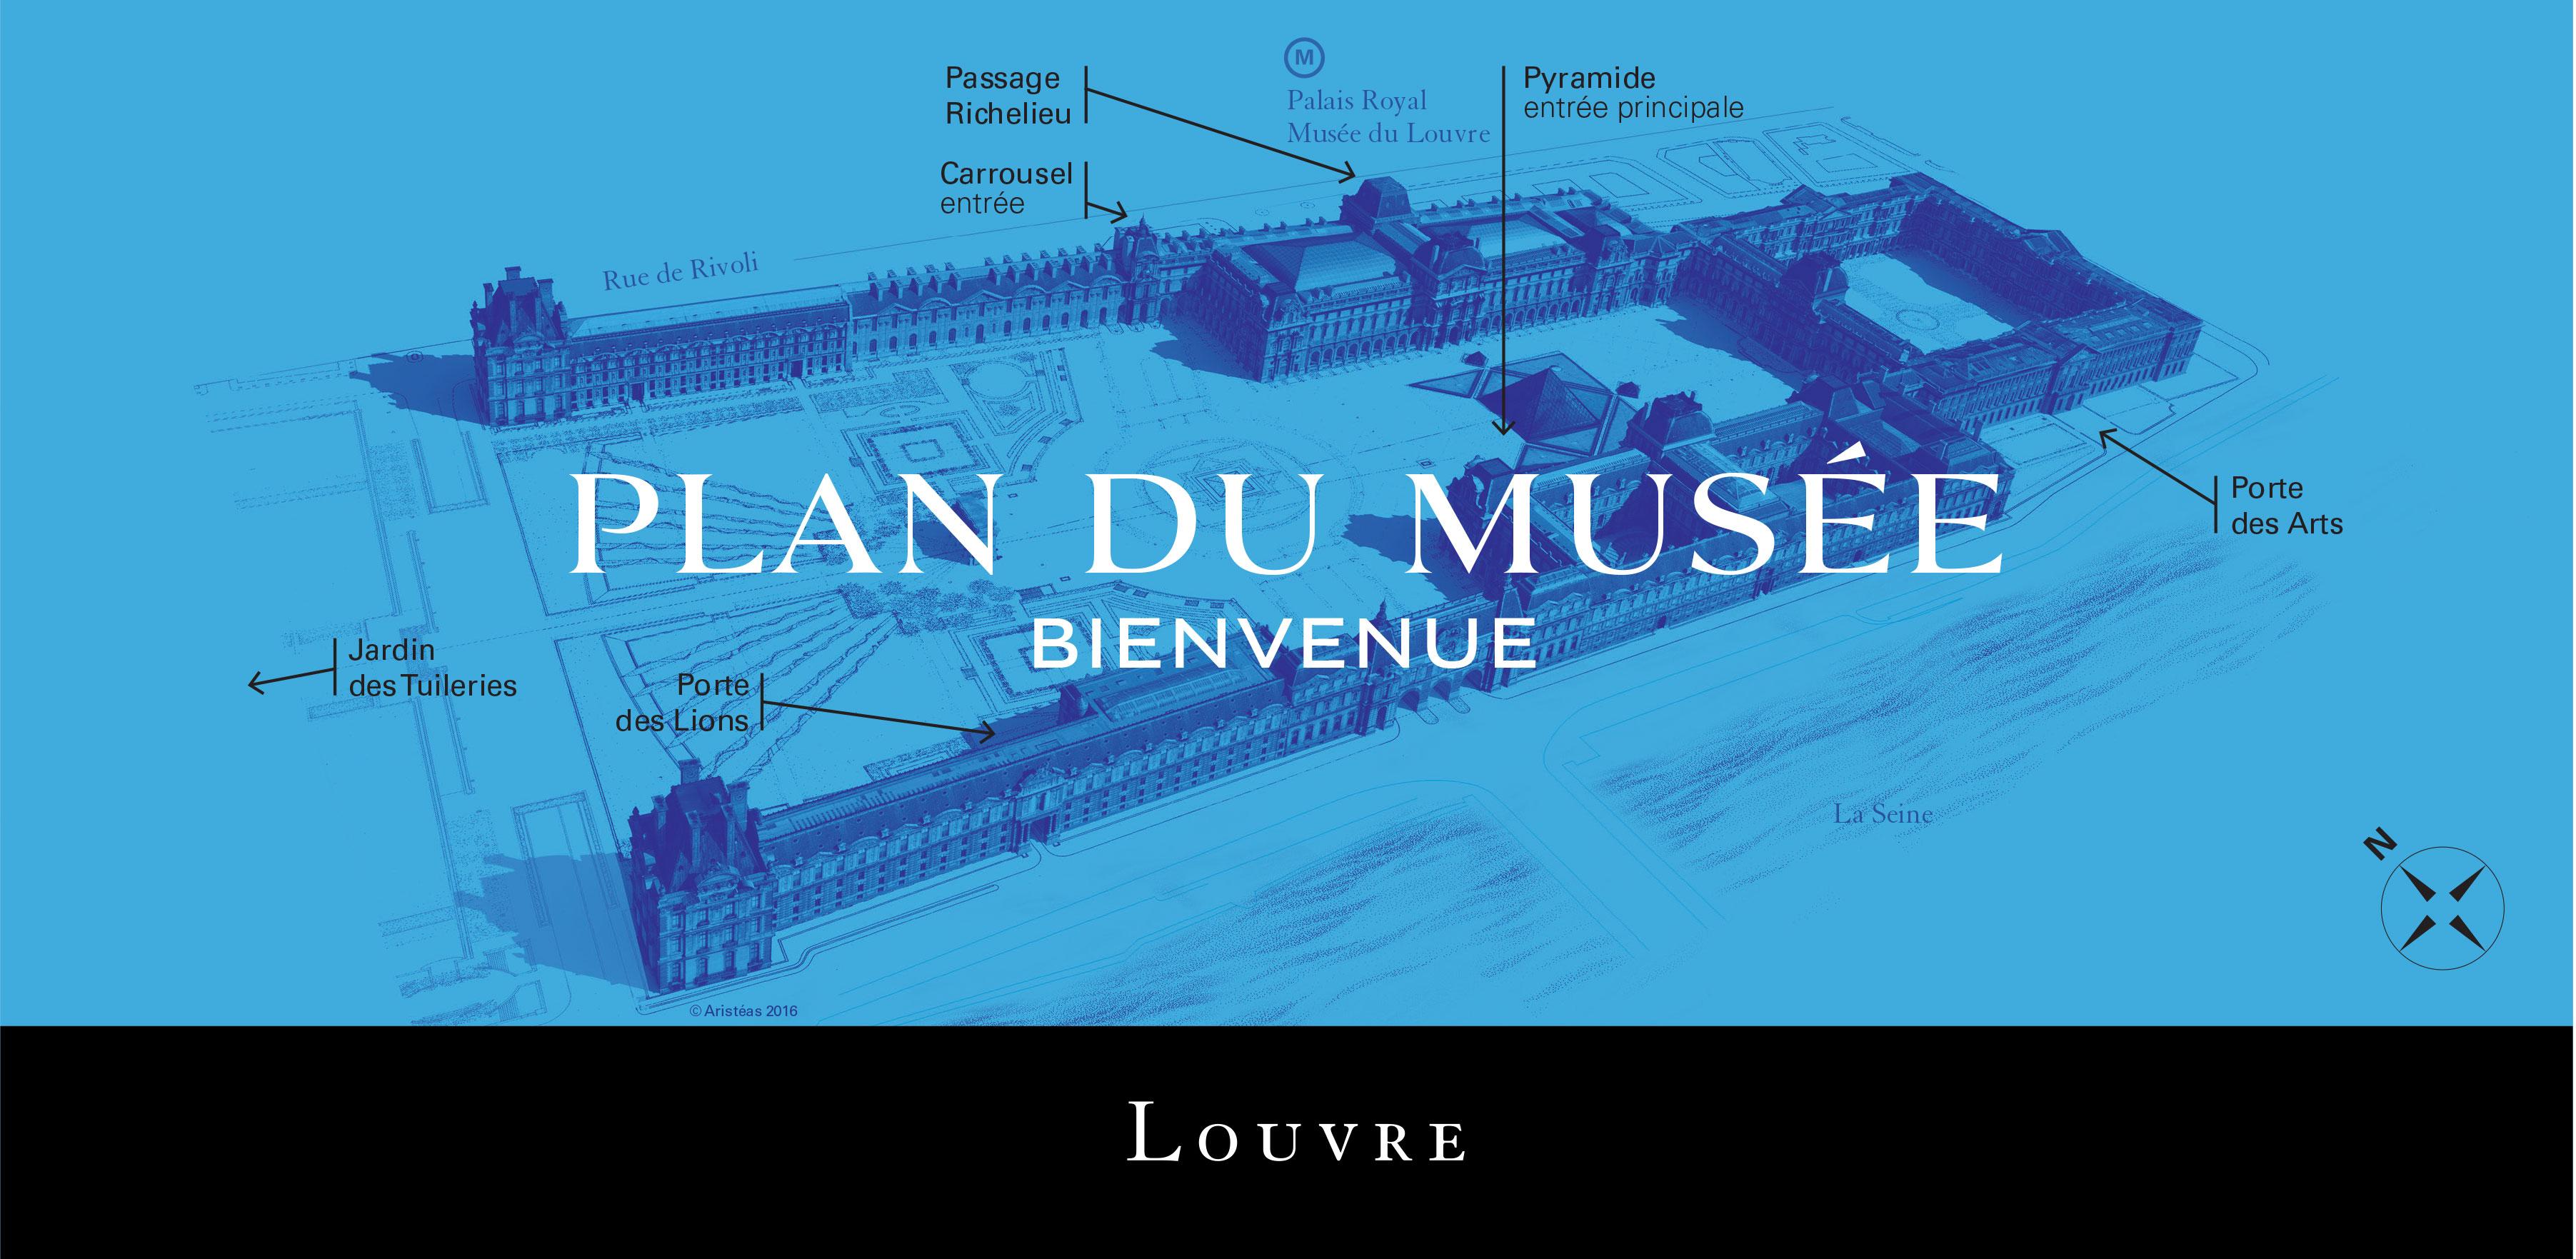 Plan du Musée du Louvre Application du Musée du Louvre